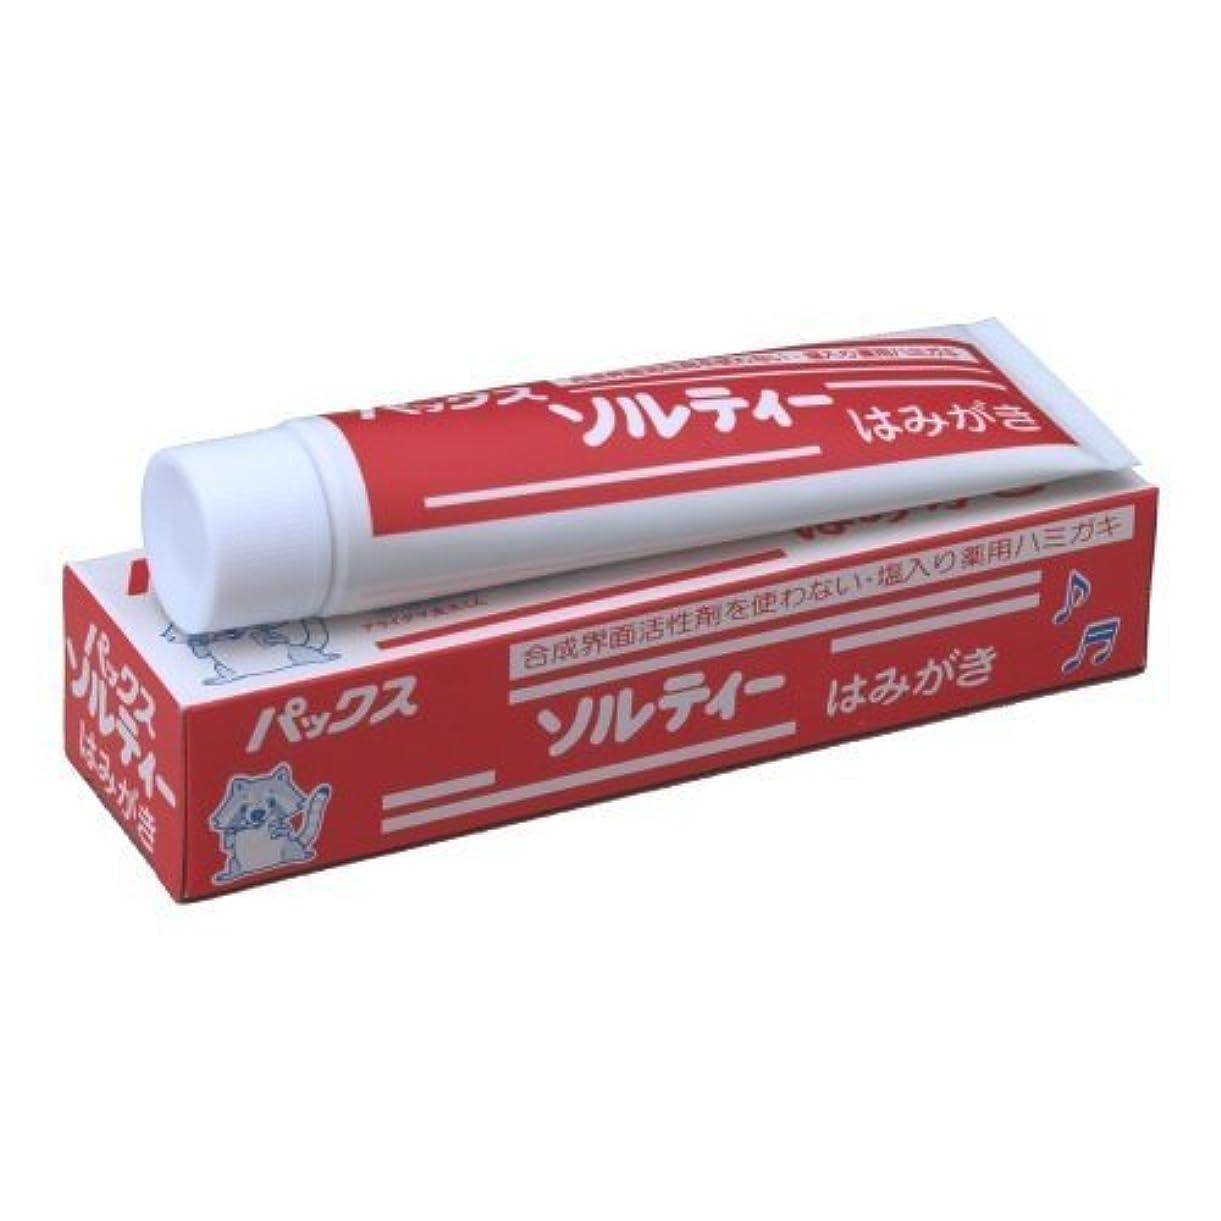 疲れたテメリティ人気のパックスソルティー齒磨き 80G【6個パック】